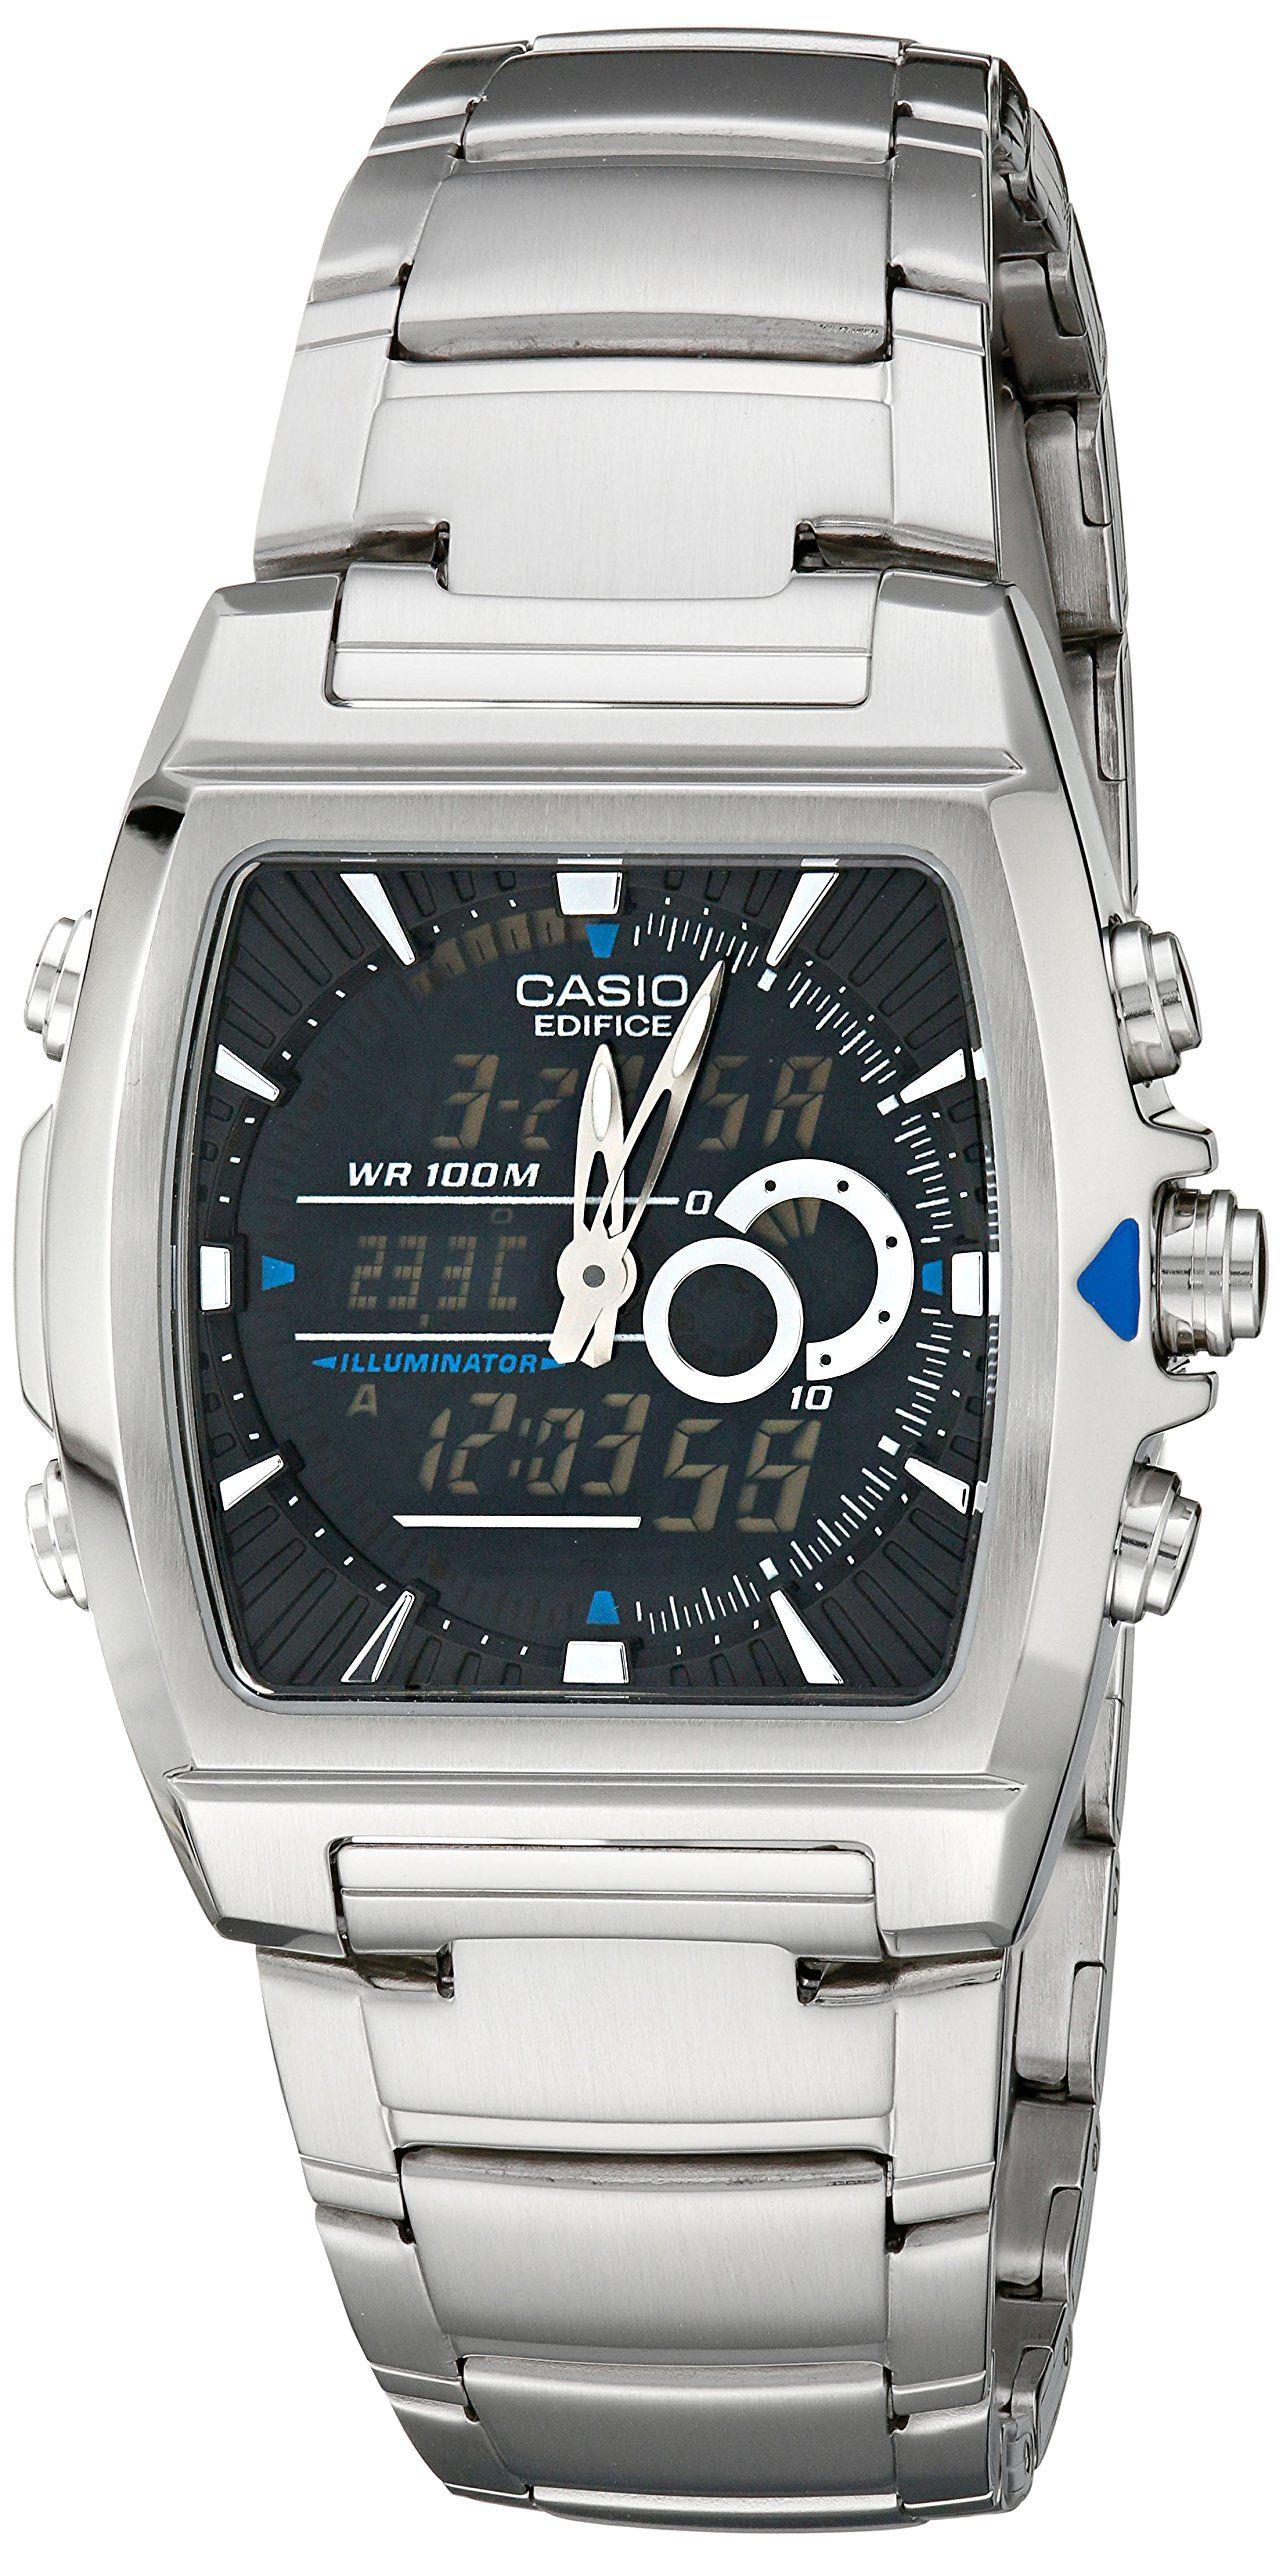 Оригинальные часы Casio Edifice EFA-120D-1AVEF